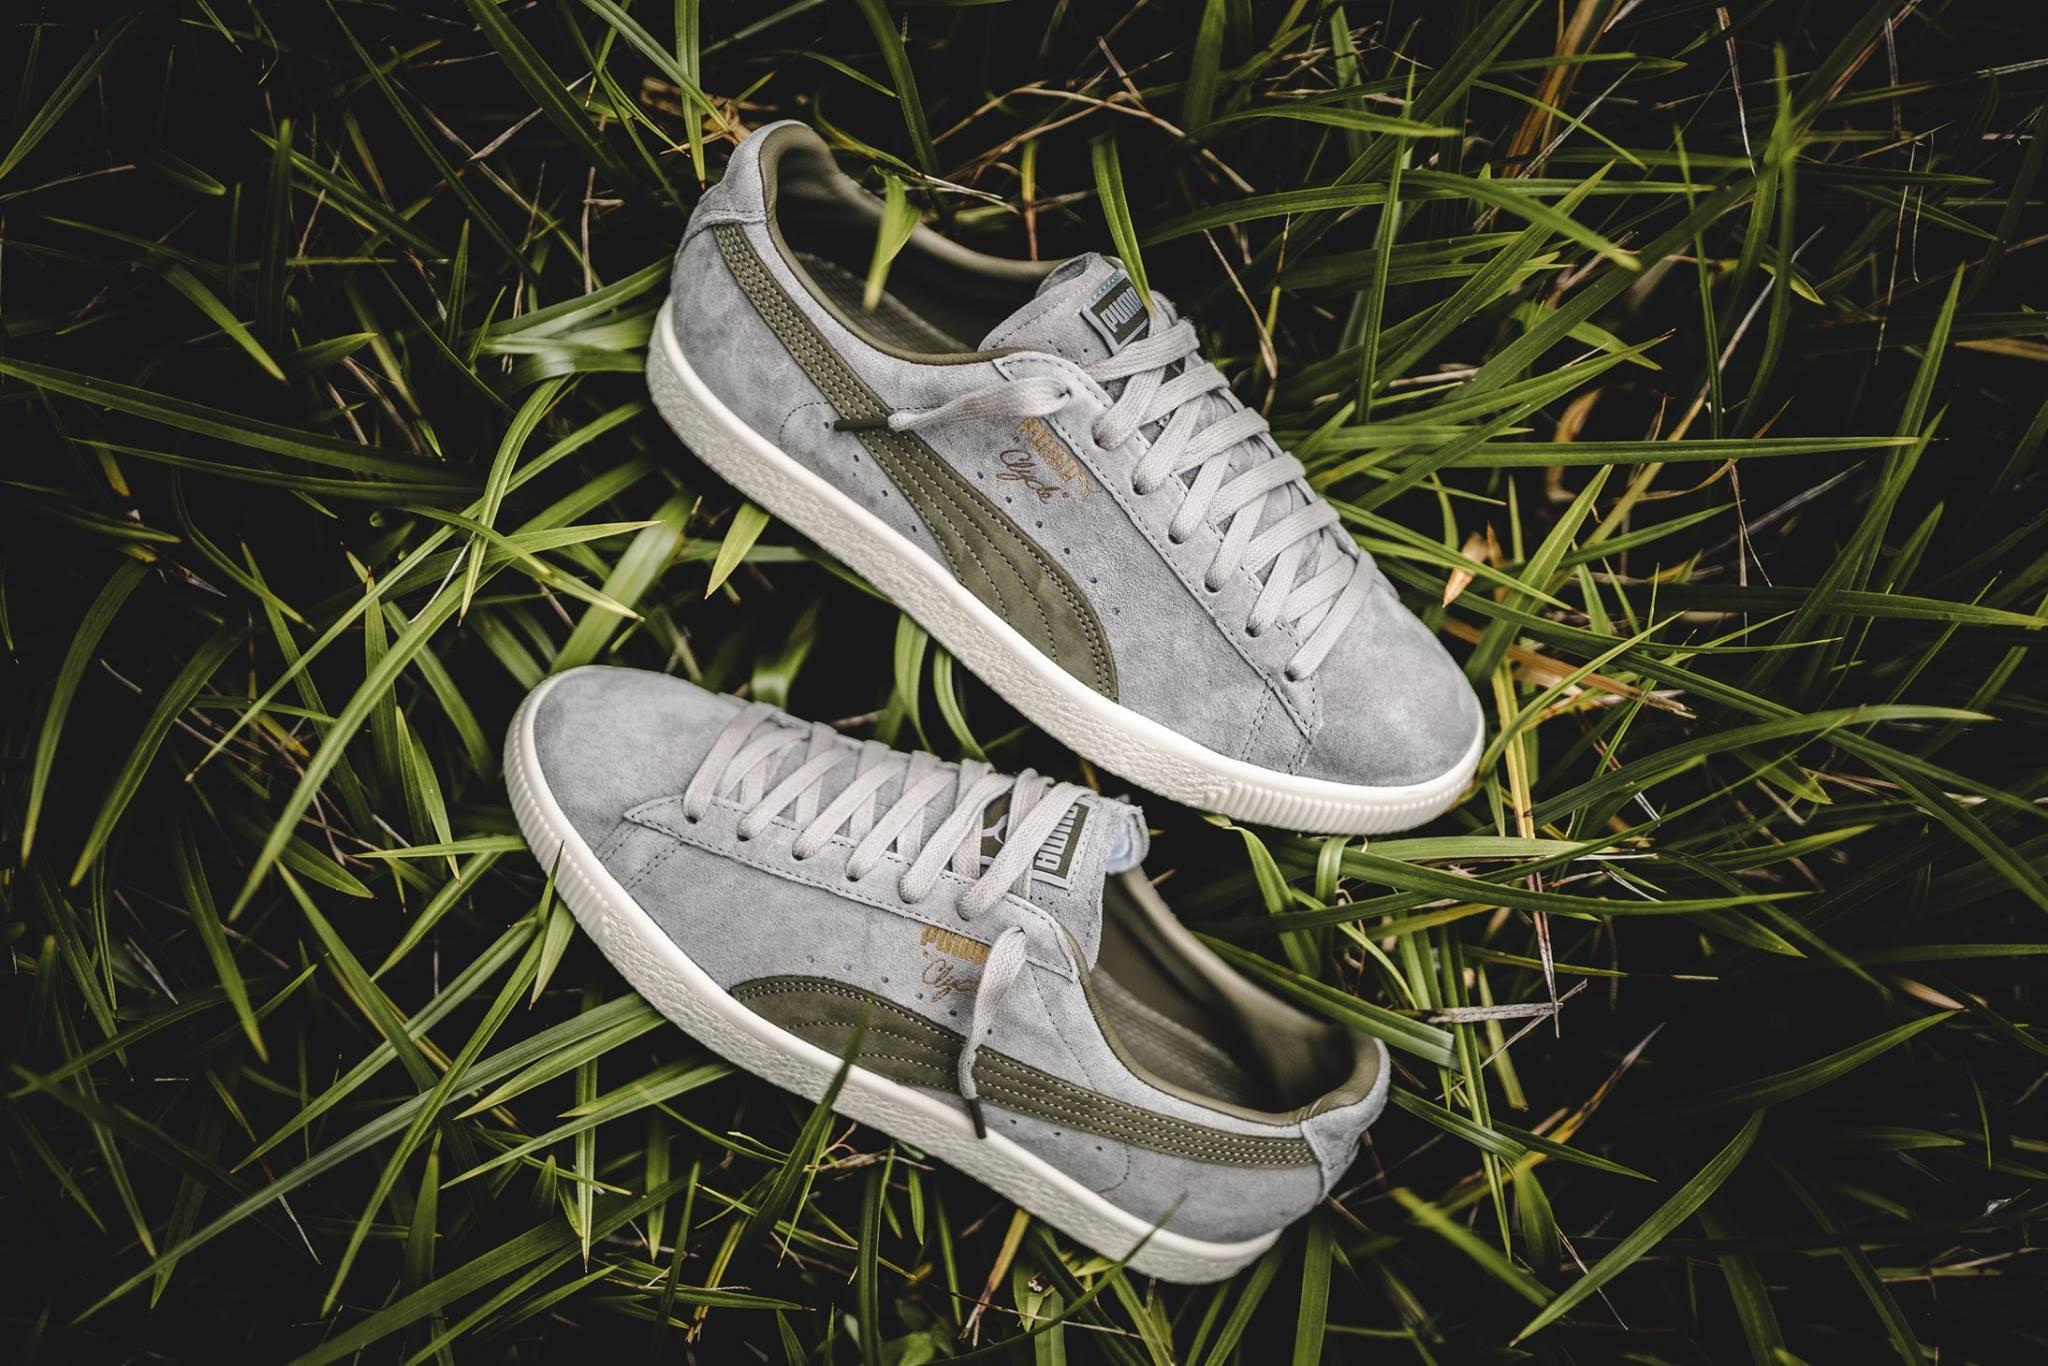 chaussure Puma Clyde Bobbito Garcia (1)